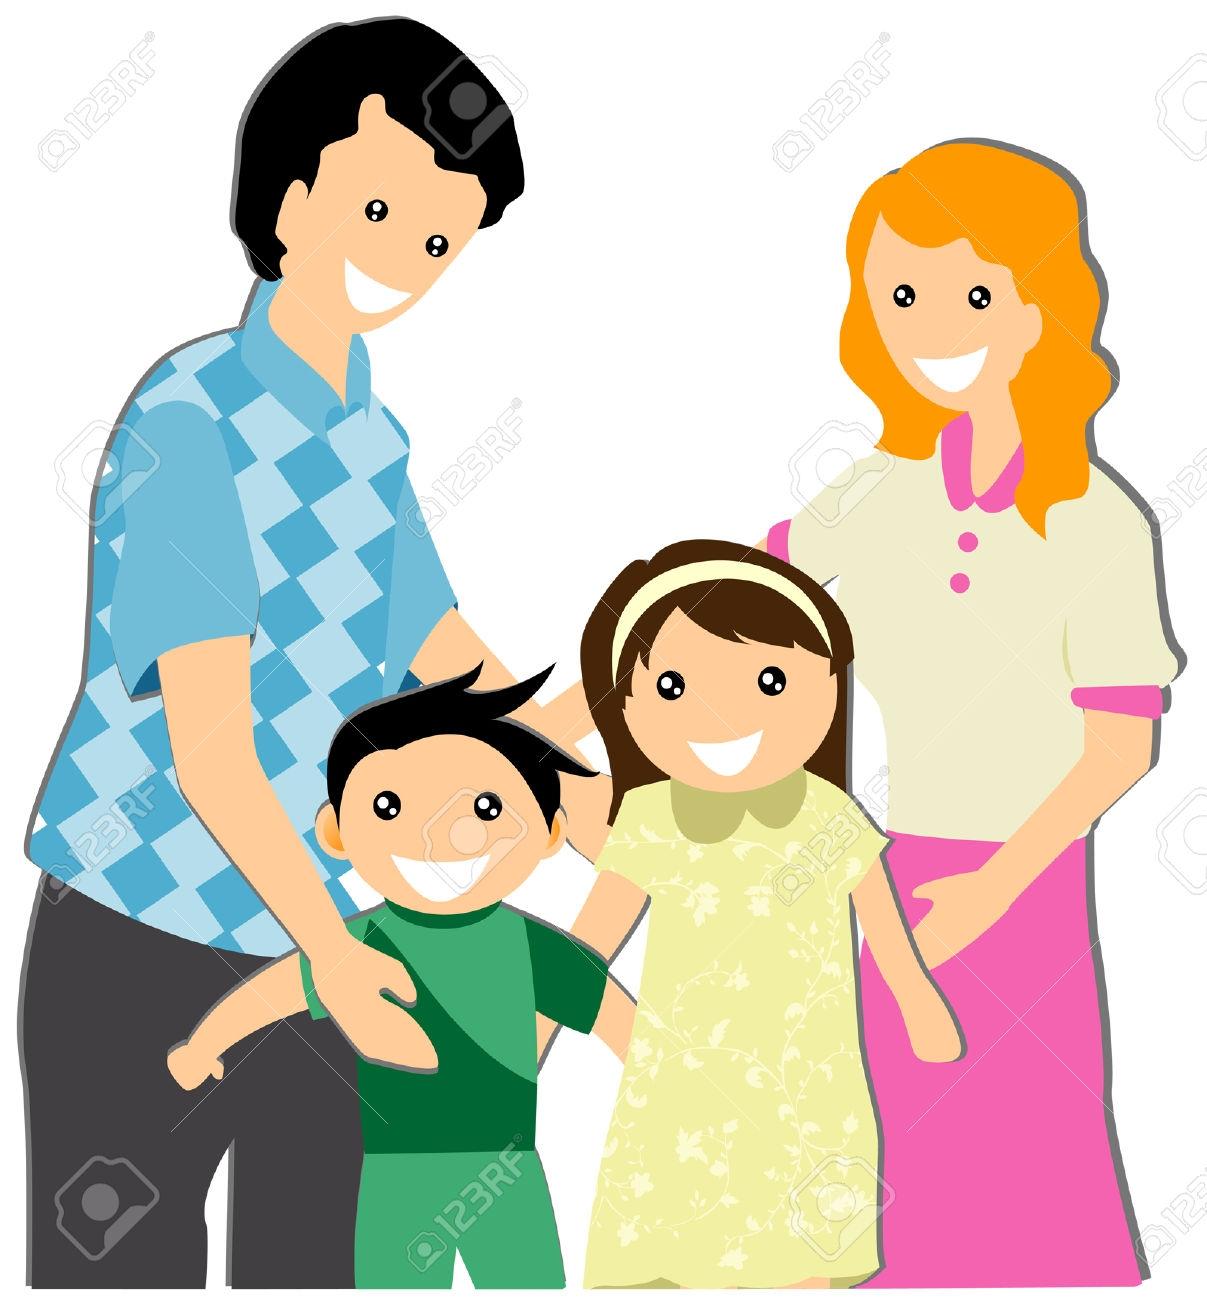 1207x1300 Hug Clipart Unhappy Family